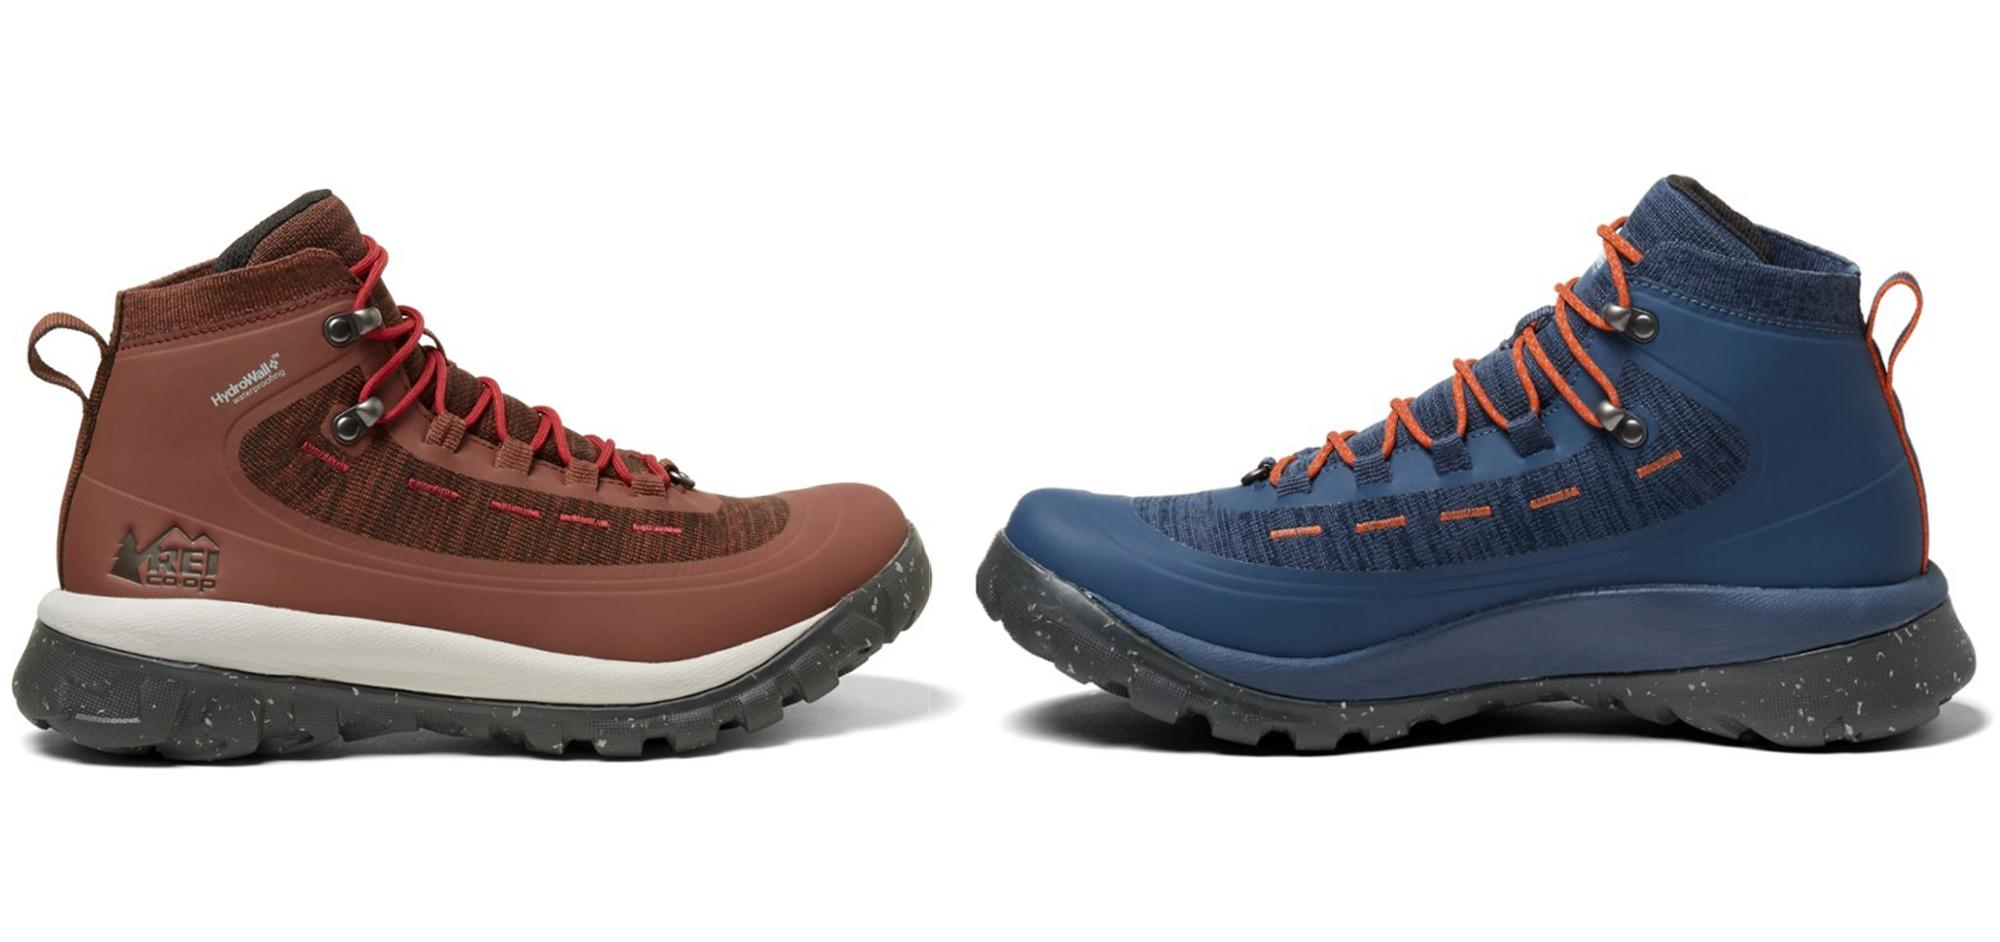 Profil de chaussure de randonnée REI Traverse